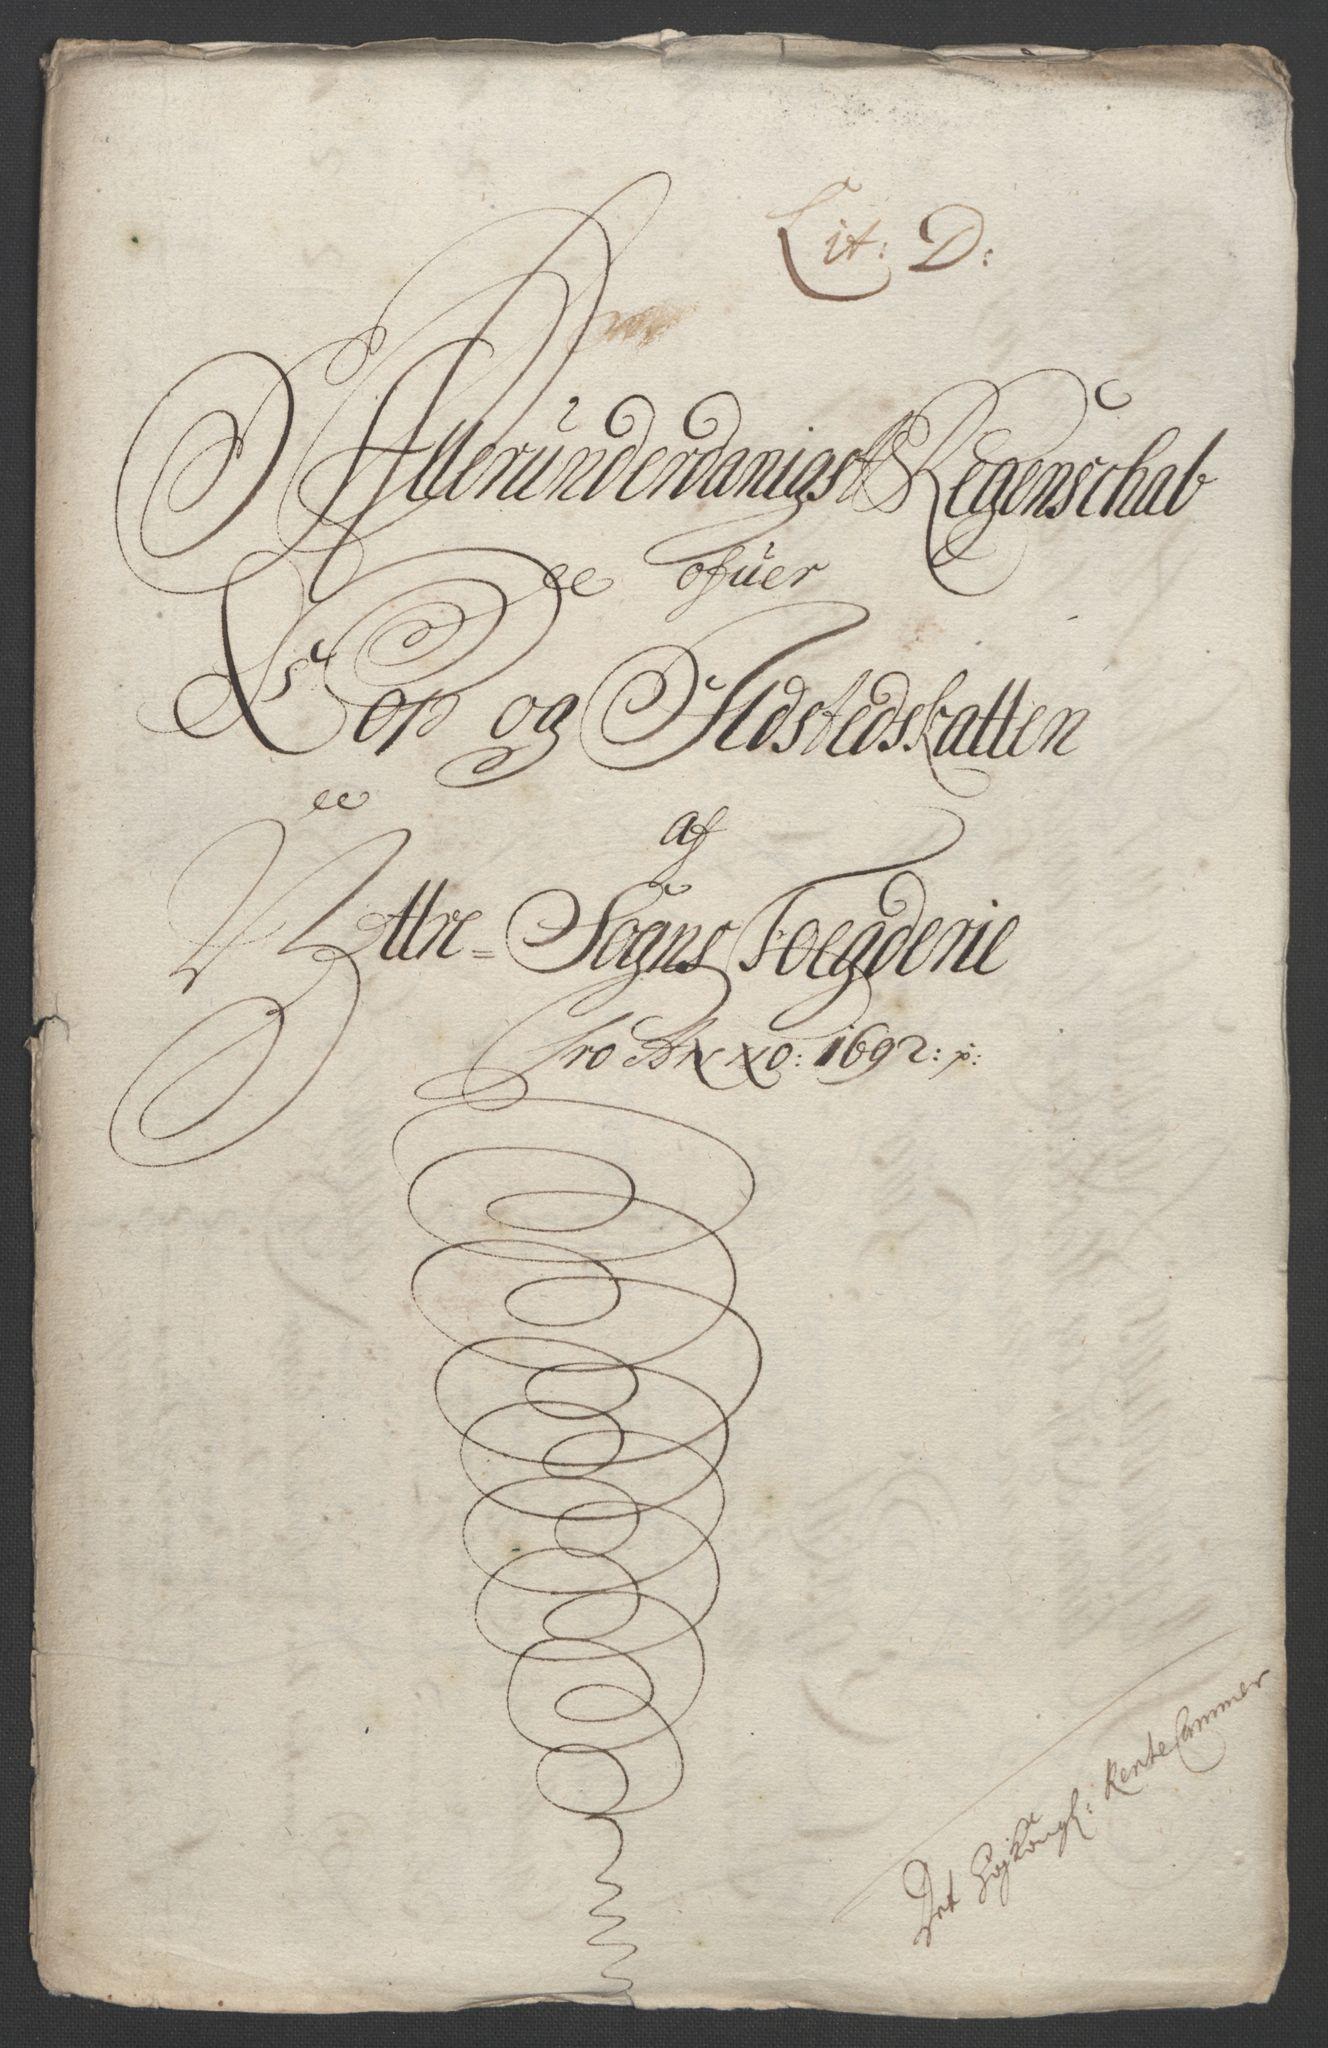 RA, Rentekammeret inntil 1814, Reviderte regnskaper, Fogderegnskap, R52/L3306: Fogderegnskap Sogn, 1691-1692, s. 345